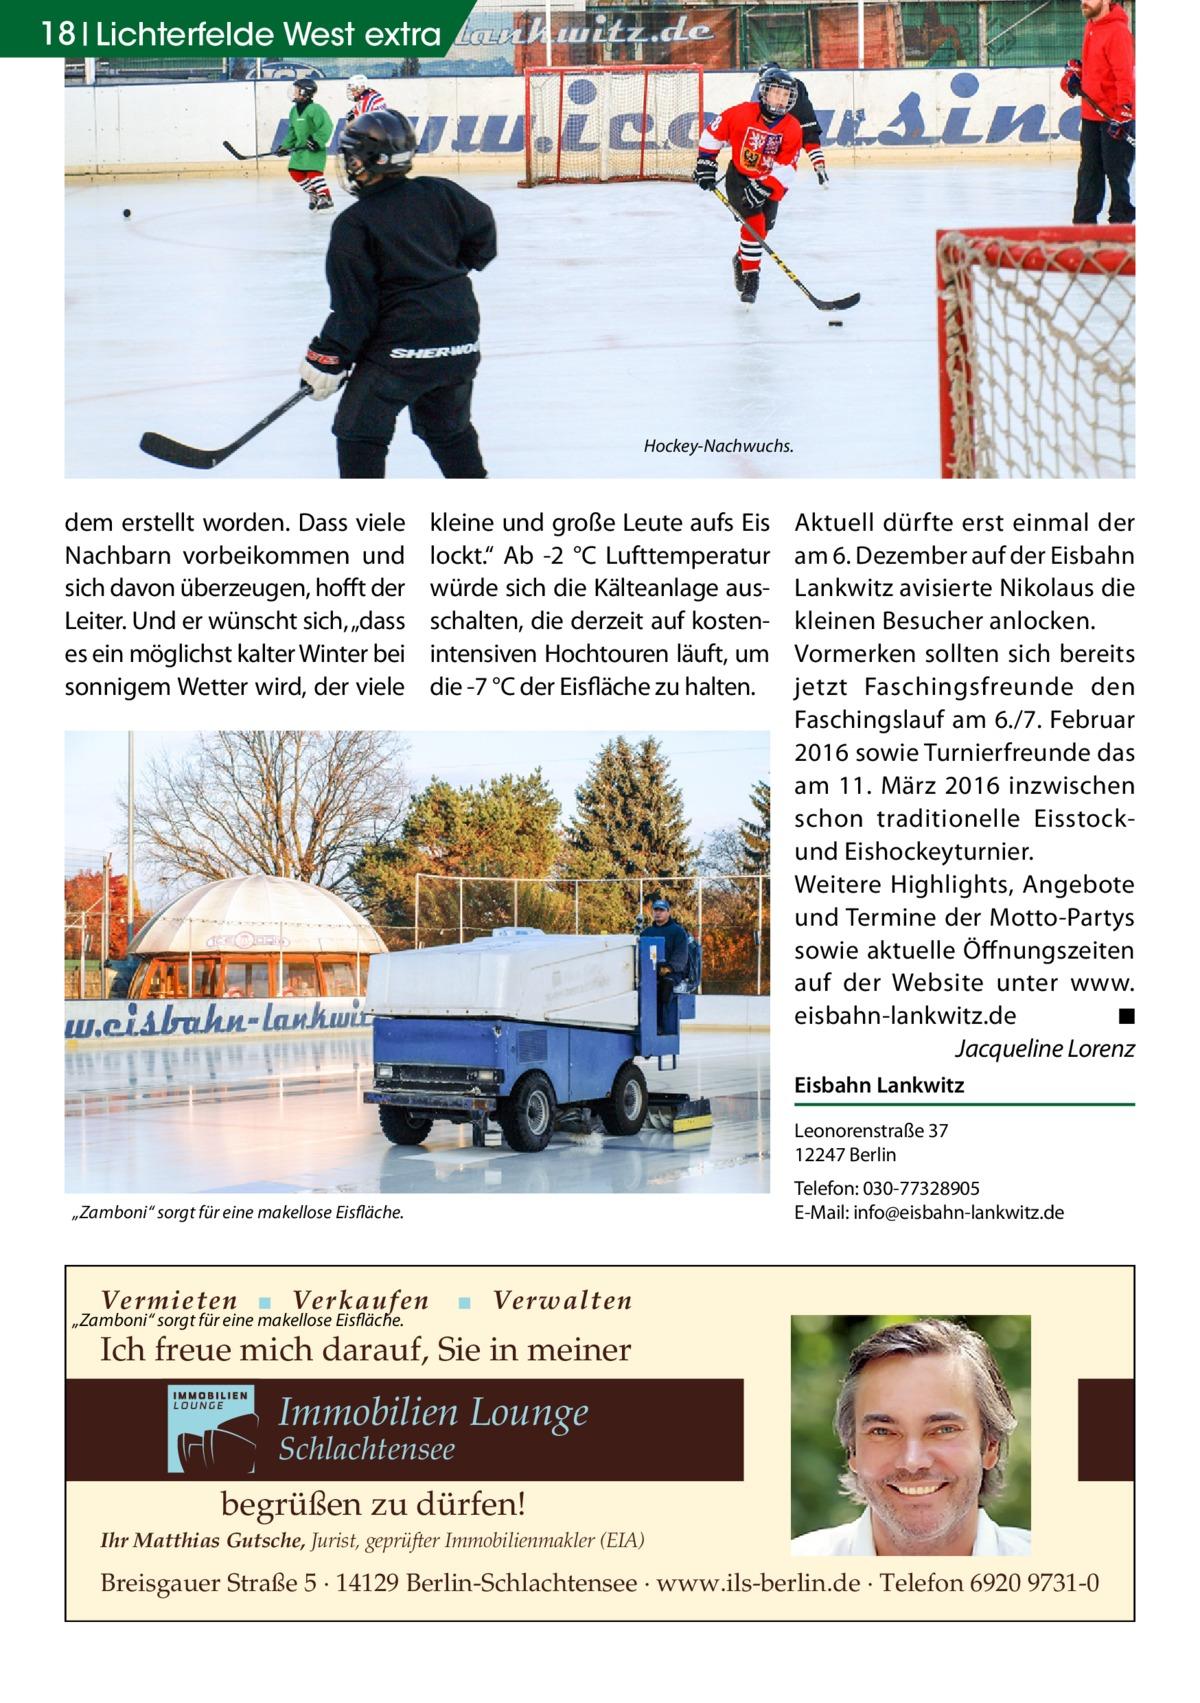 """18 Lichterfelde West extra  Hockey-Nachwuchs.  dem erstellt worden. Dass viele Nachbarn vorbeikommen und sich davon überzeugen, hofft der Leiter. Und er wünscht sich, """"dass es ein möglichst kalter Winter bei sonnigem Wetter wird, der viele  kleine und große Leute aufs Eis lockt."""" Ab -2 °C Lufttemperatur würde sich die Kälteanlage ausschalten, die derzeit auf kostenintensiven Hochtouren läuft, um die -7°C der Eisfläche zu halten.  Aktuell dürfte erst einmal der am 6.Dezember auf der Eisbahn Lankwitz avisierte Nikolaus die kleinen Besucher anlocken. Vormerken sollten sich bereits jetzt Faschingsfreunde den Faschingslauf am 6./7.Februar 2016 sowie Turnierfreunde das am 11. März 2016 inzwischen schon traditionelle Eisstockund Eishockeyturnier. Weitere Highlights, Angebote und Termine der Motto-Partys sowie aktuelle Öffnungszeiten auf der Website unter www. eisbahn-lankwitz.de � ◾ � Jacqueline Lorenz Eisbahn Lankwitz Leonorenstraße37 12247Berlin Telefon: 030-77328905 E-Mail: info@eisbahn-lankwitz.de  """"Zamboni"""" sorgt für eine makellose Eisfläche.  Vermieten ▪ Verkaufen  """"Zamboni"""" sorgt für eine makellose Eisfläche.  ▪ Verwalten  Ich freue mich darauf, Sie in meiner  Immobilien Lounge Schlachtensee  begrüßen zu dürfen! Ihr Matthias Gutsche, Jurist, geprüfter Immobilienmakler (EIA)  Breisgauer Straße 5 · 14129 Berlin-Schlachtensee · www.ils-berlin.de · Telefon 6920 9731-0"""